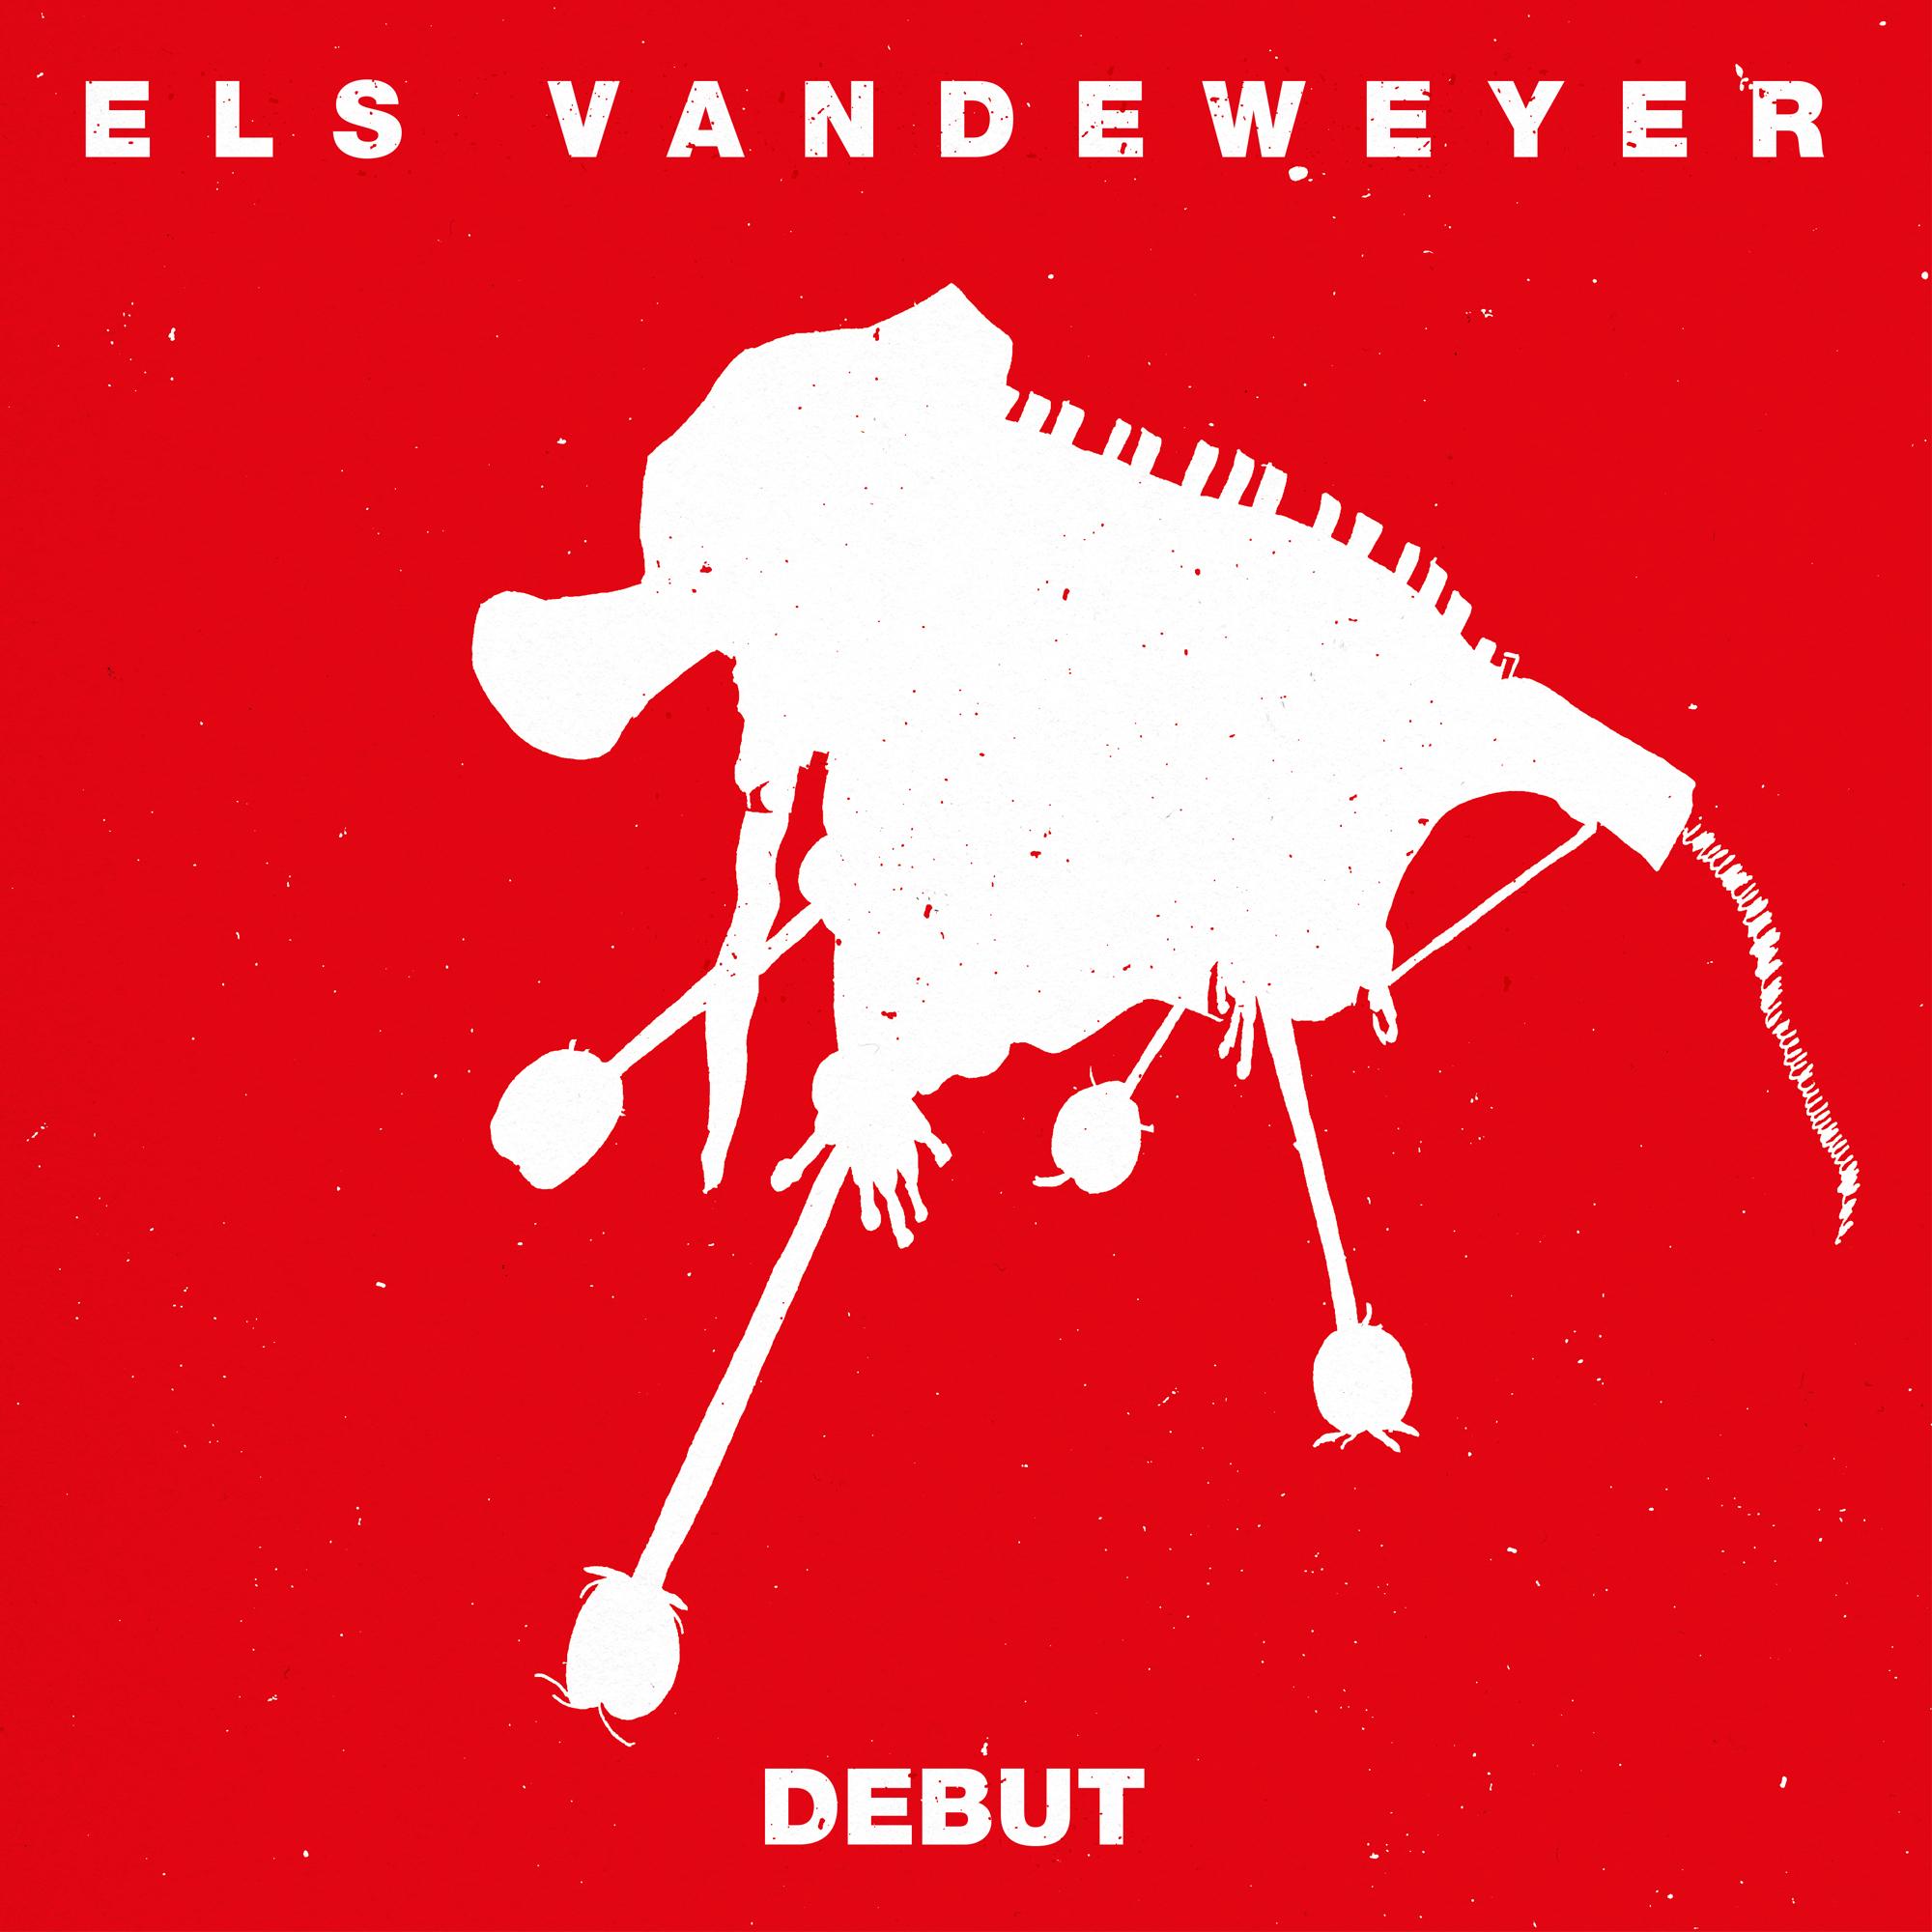 Els Vandeweyer - Debut